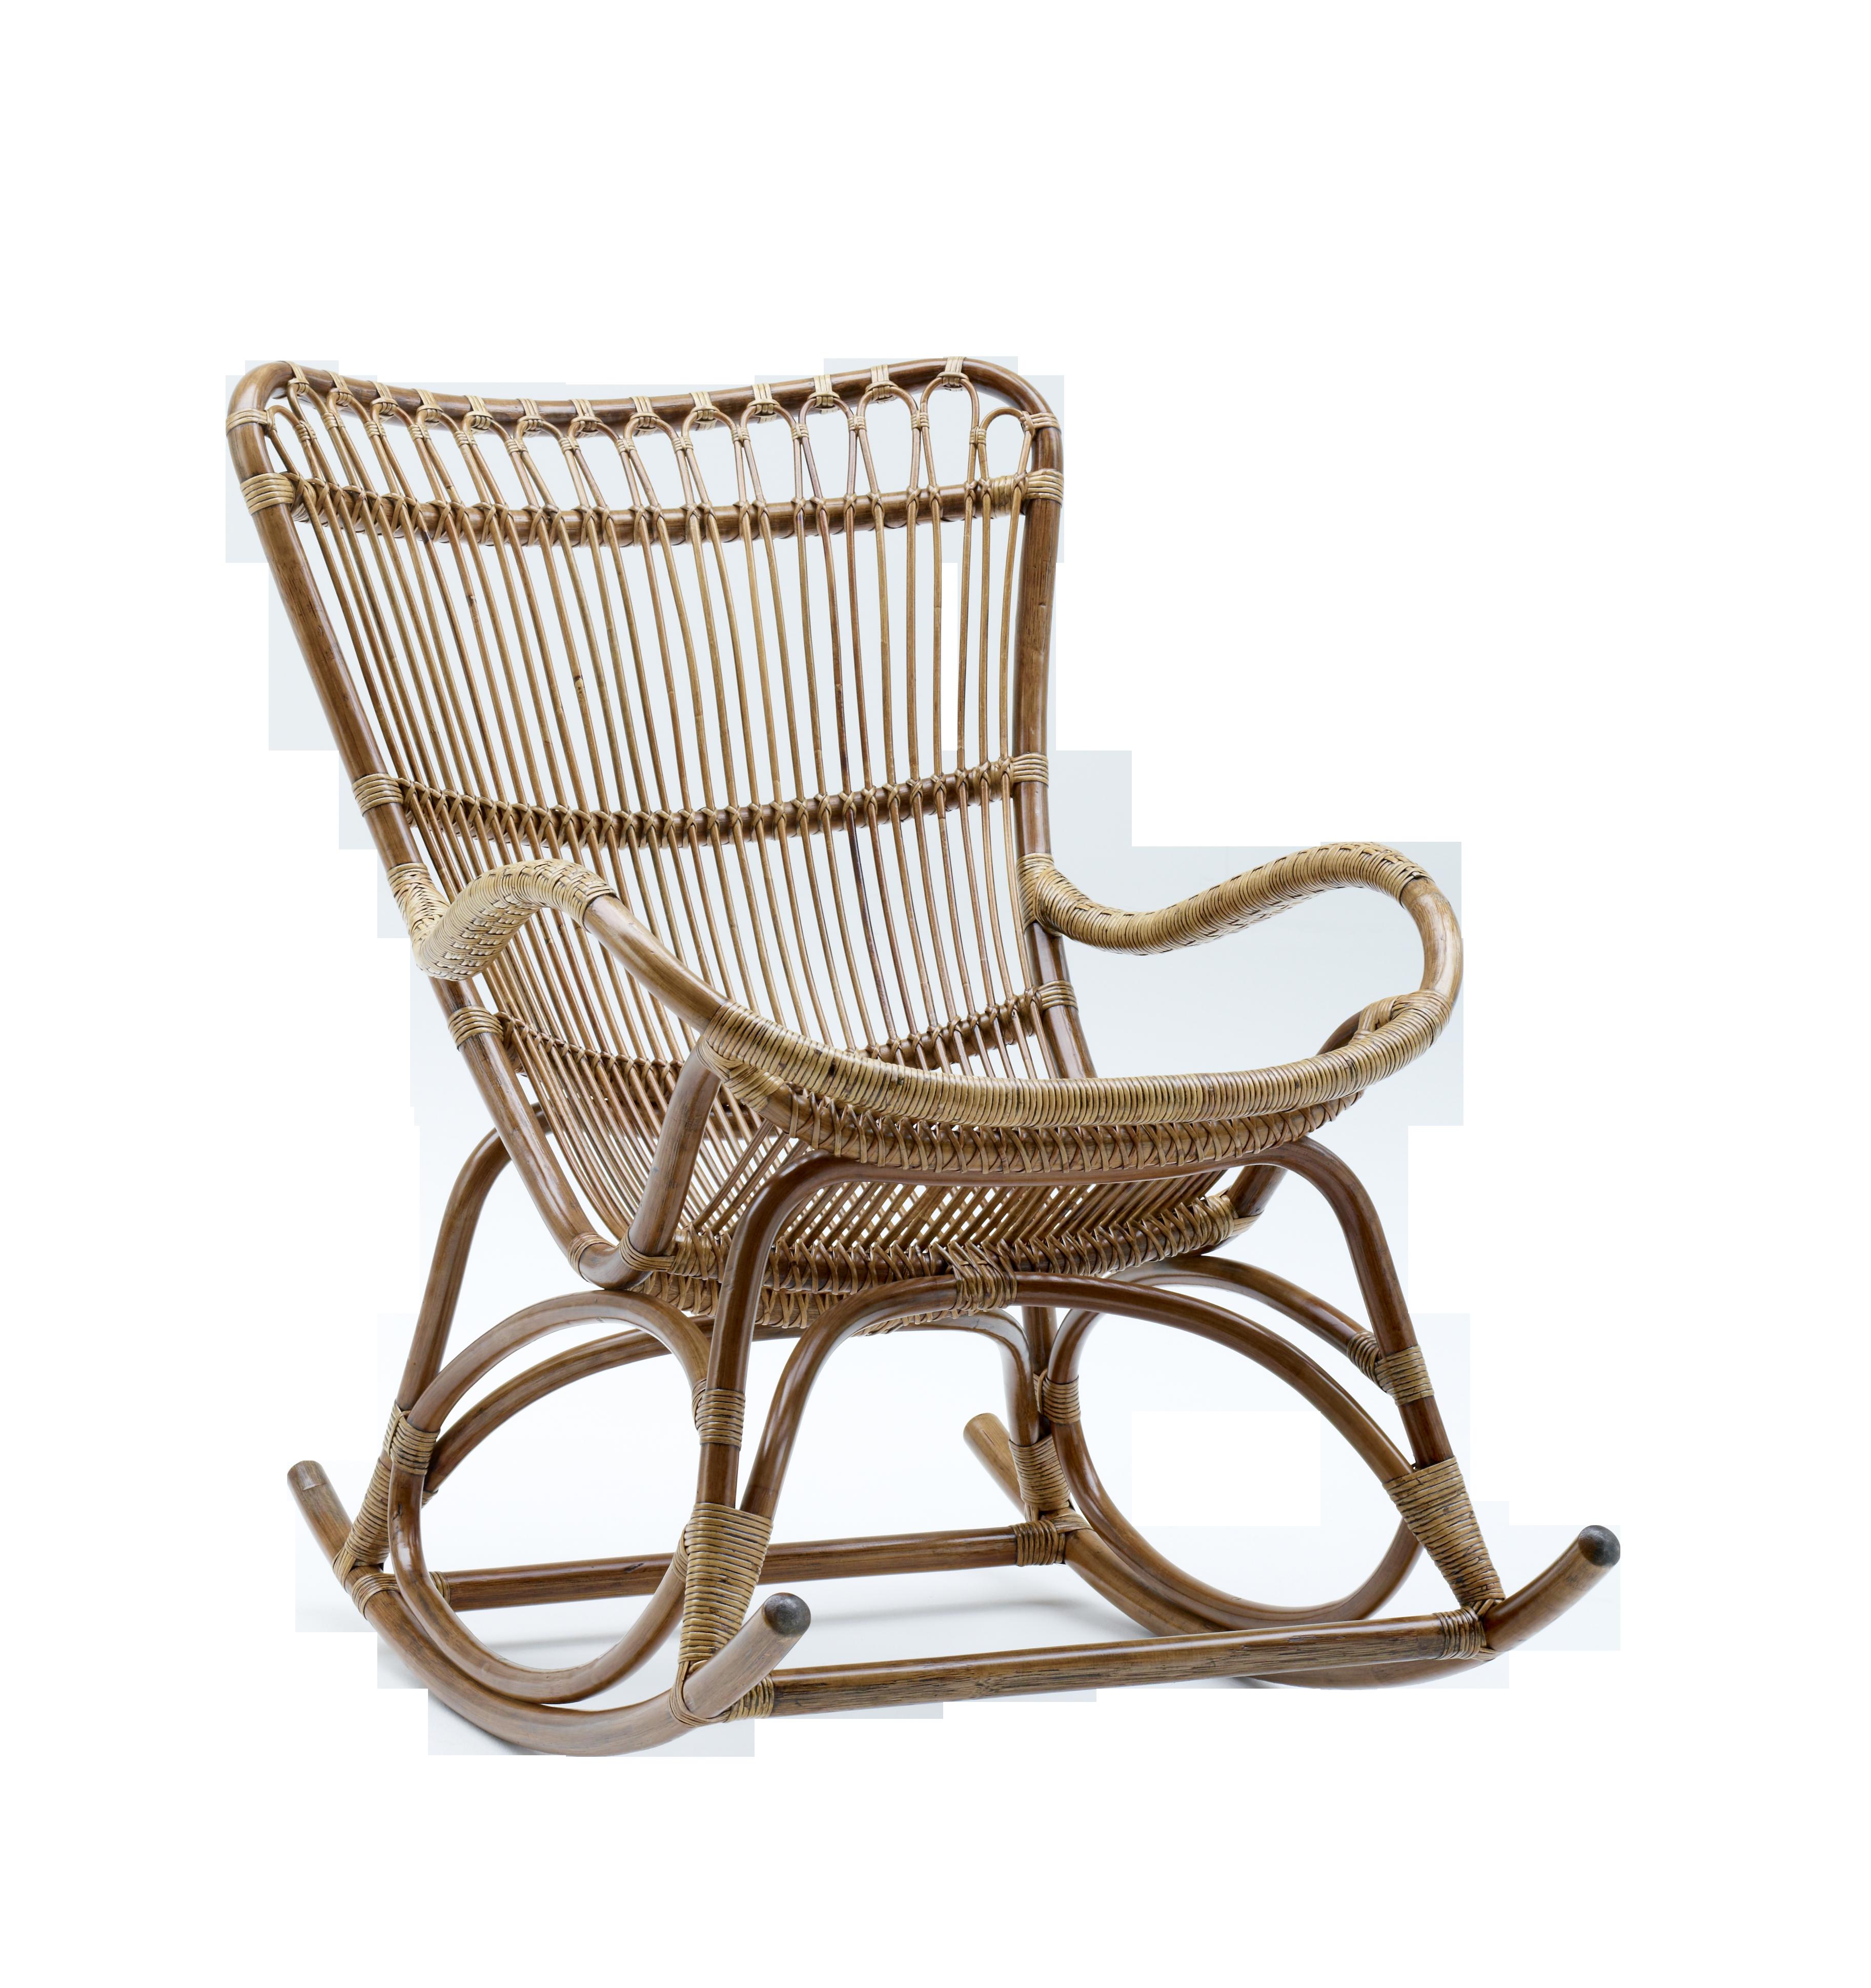 fauteuil bascule monet de sika design antique. Black Bedroom Furniture Sets. Home Design Ideas